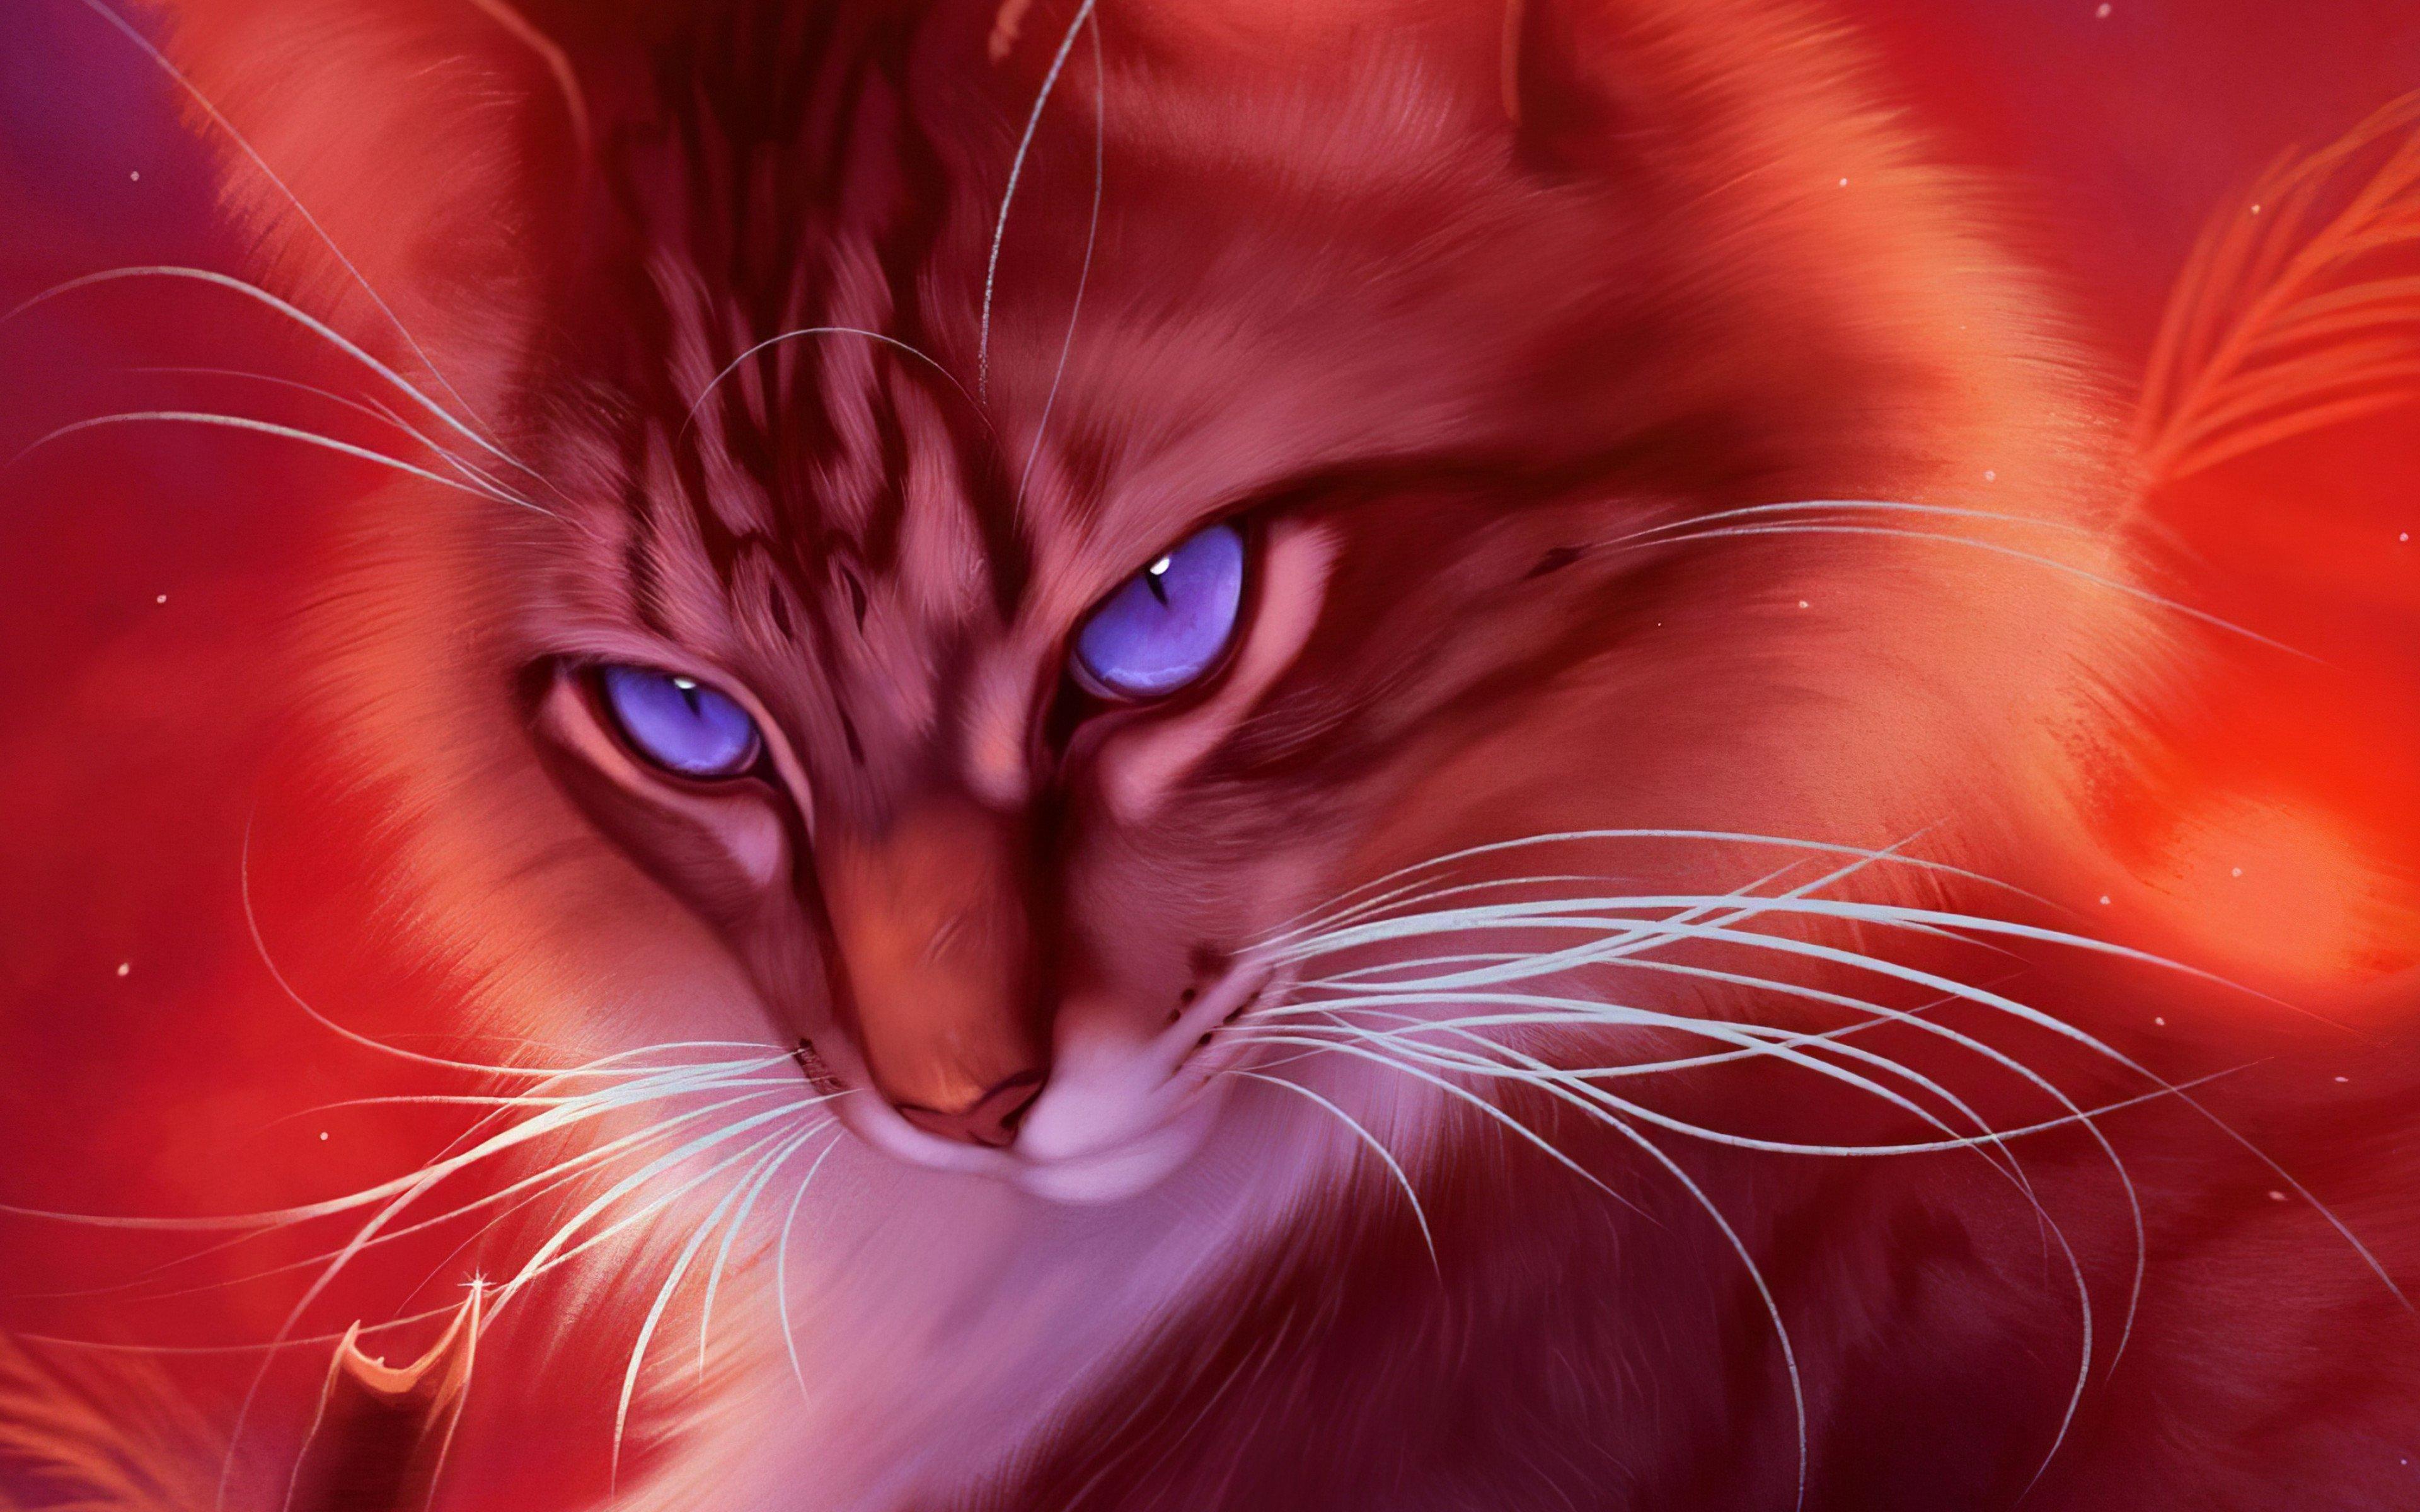 Fondos de pantalla Gato Artwork